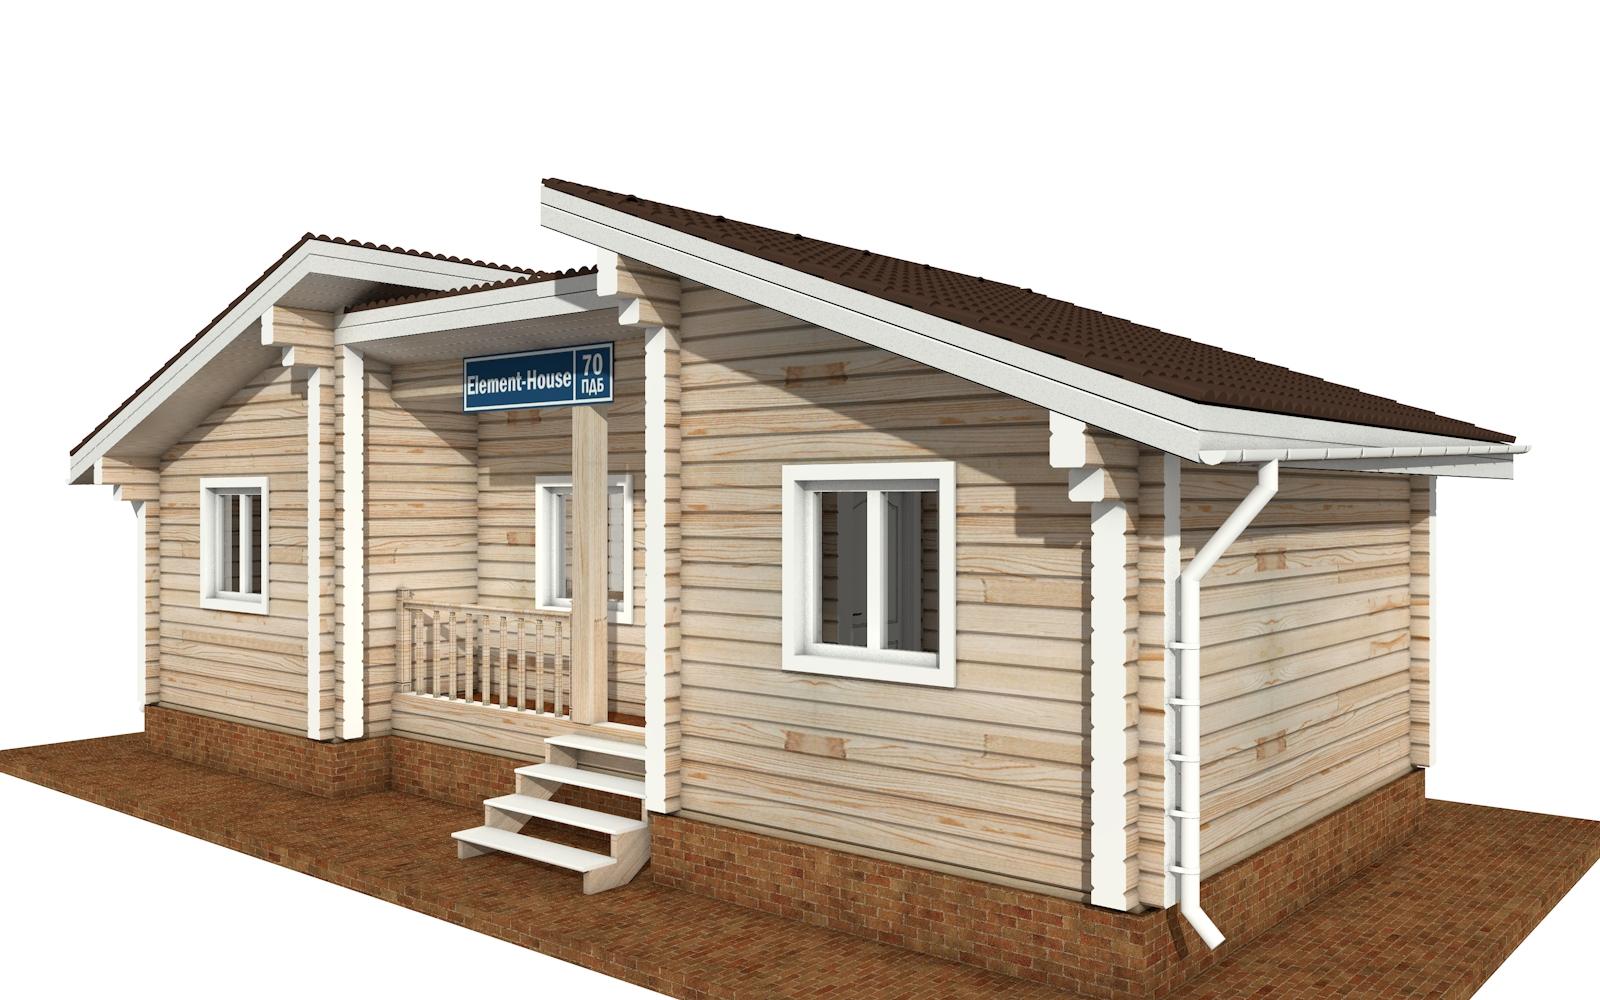 Фото #4: деревянный дом ПДБ-70 из клееного бруса купить за 5880759 (цена «Под ключ»)